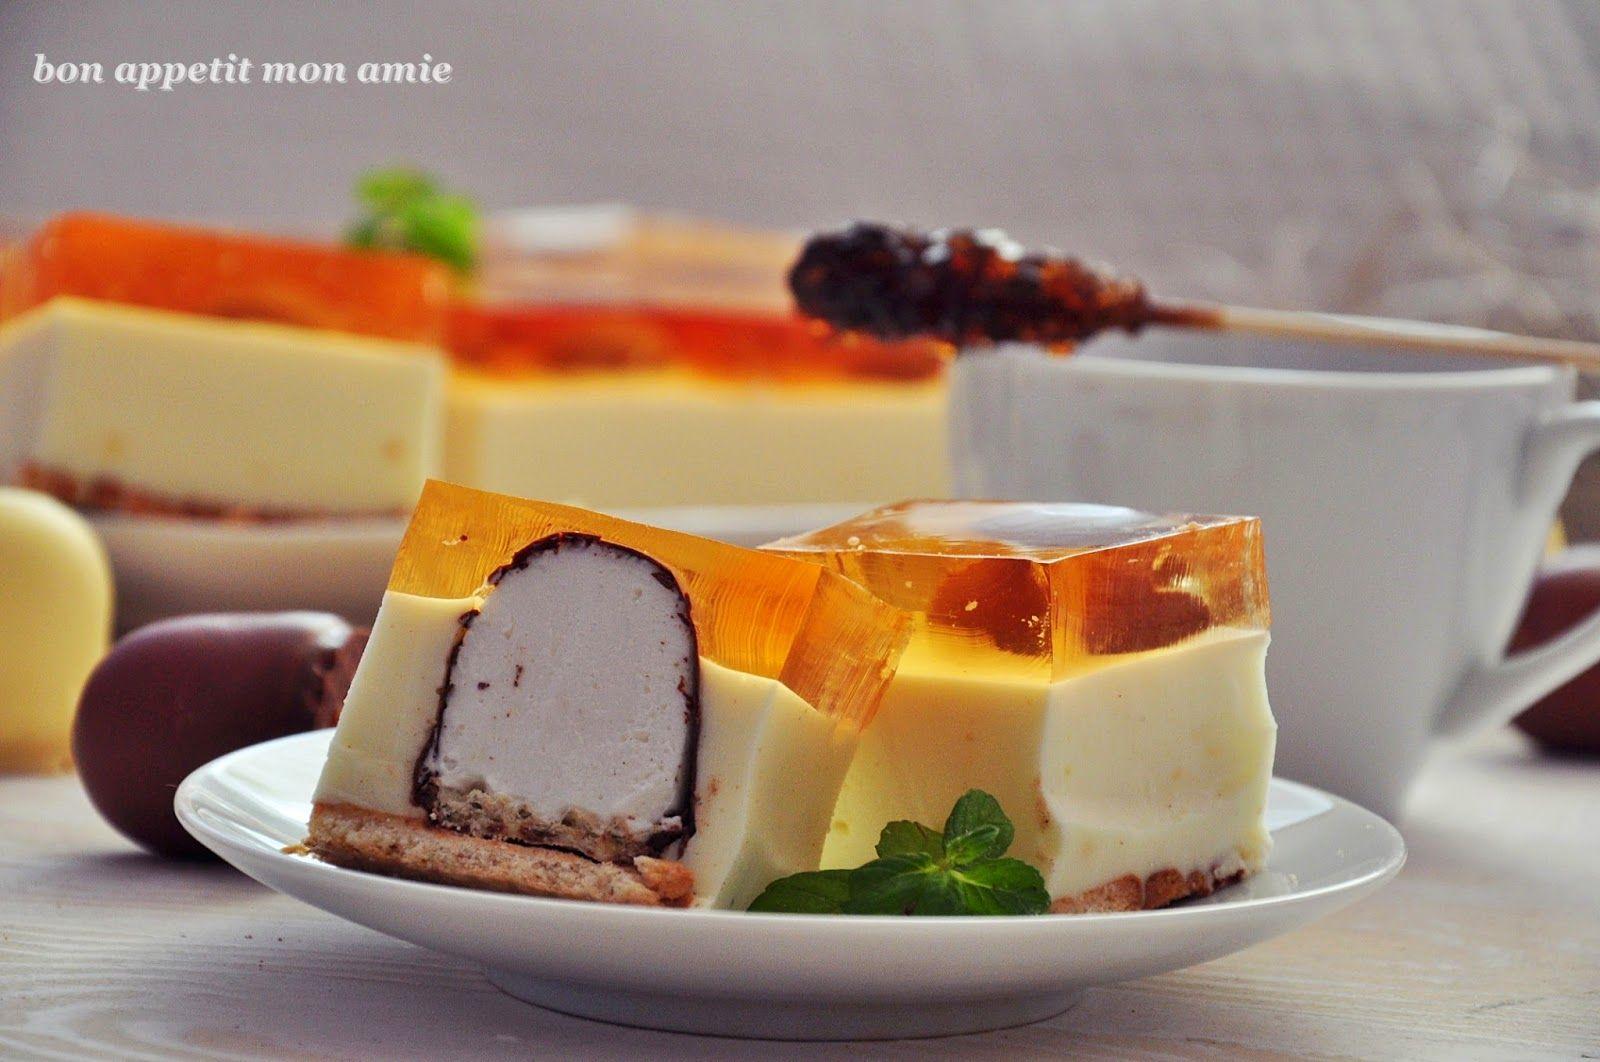 Bon appetit mon amie: Sernik z niespodzianką na majówkę